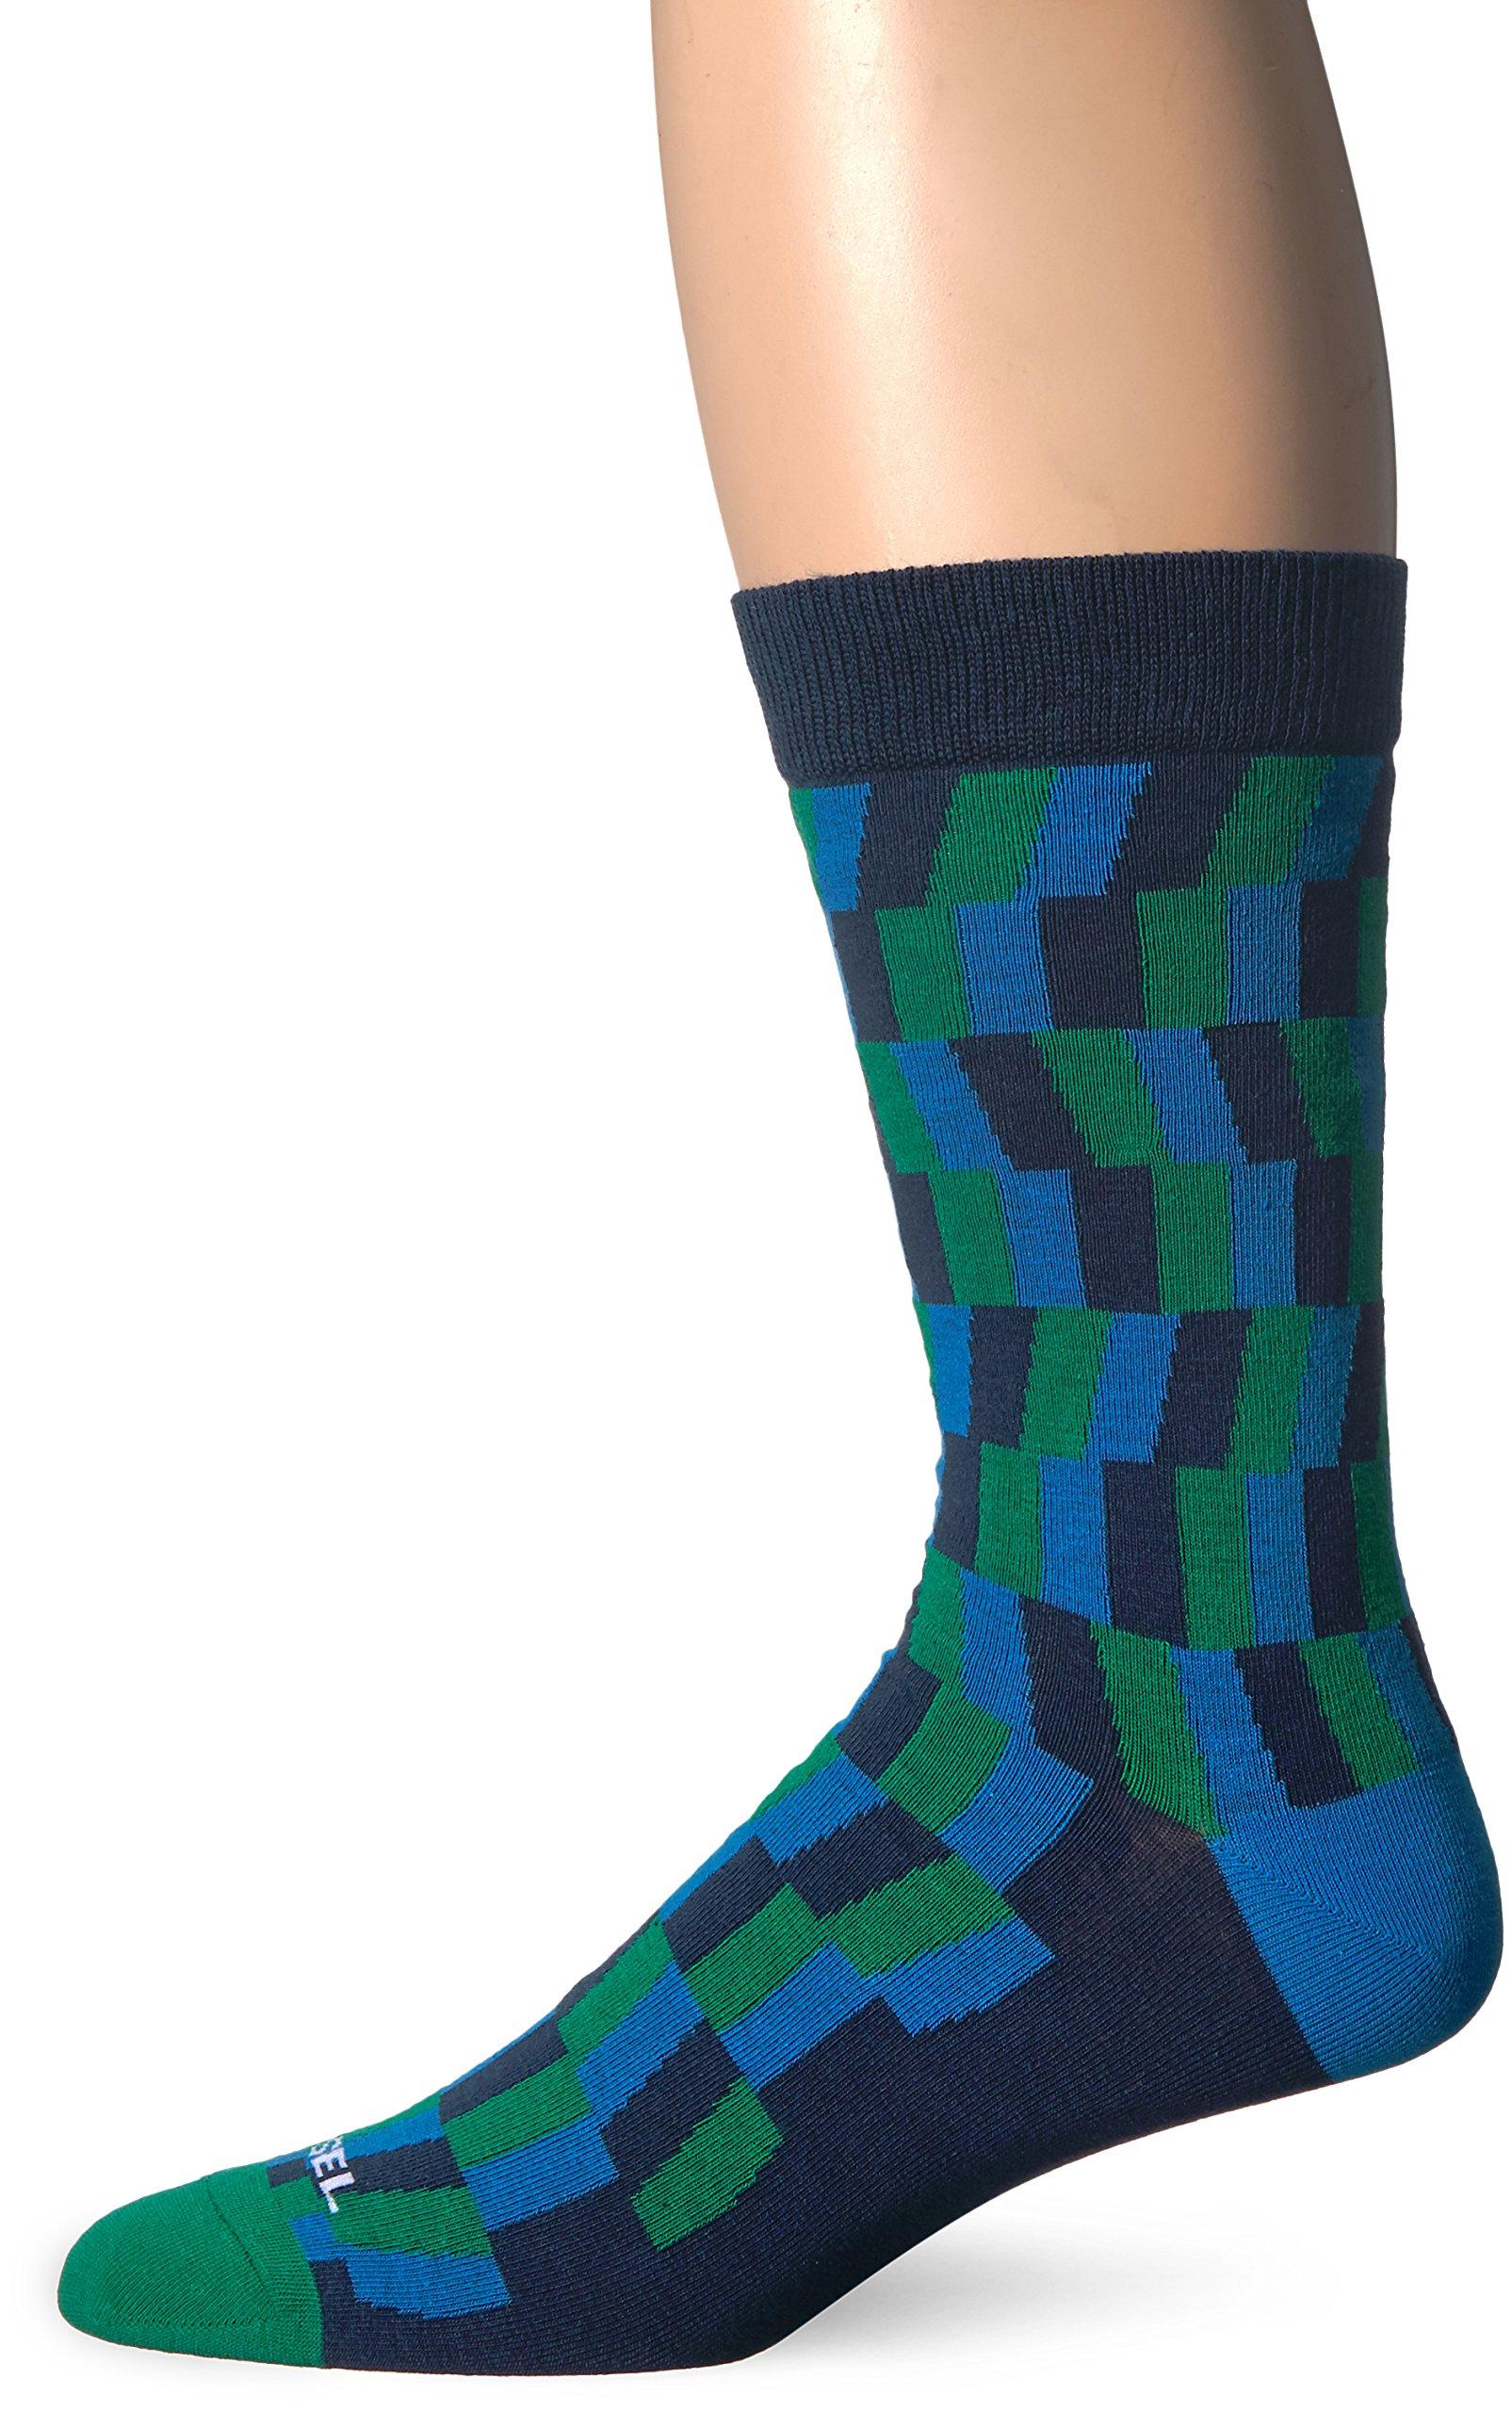 Diesel Men's Ray Printed Socks, Blue Geo, Small